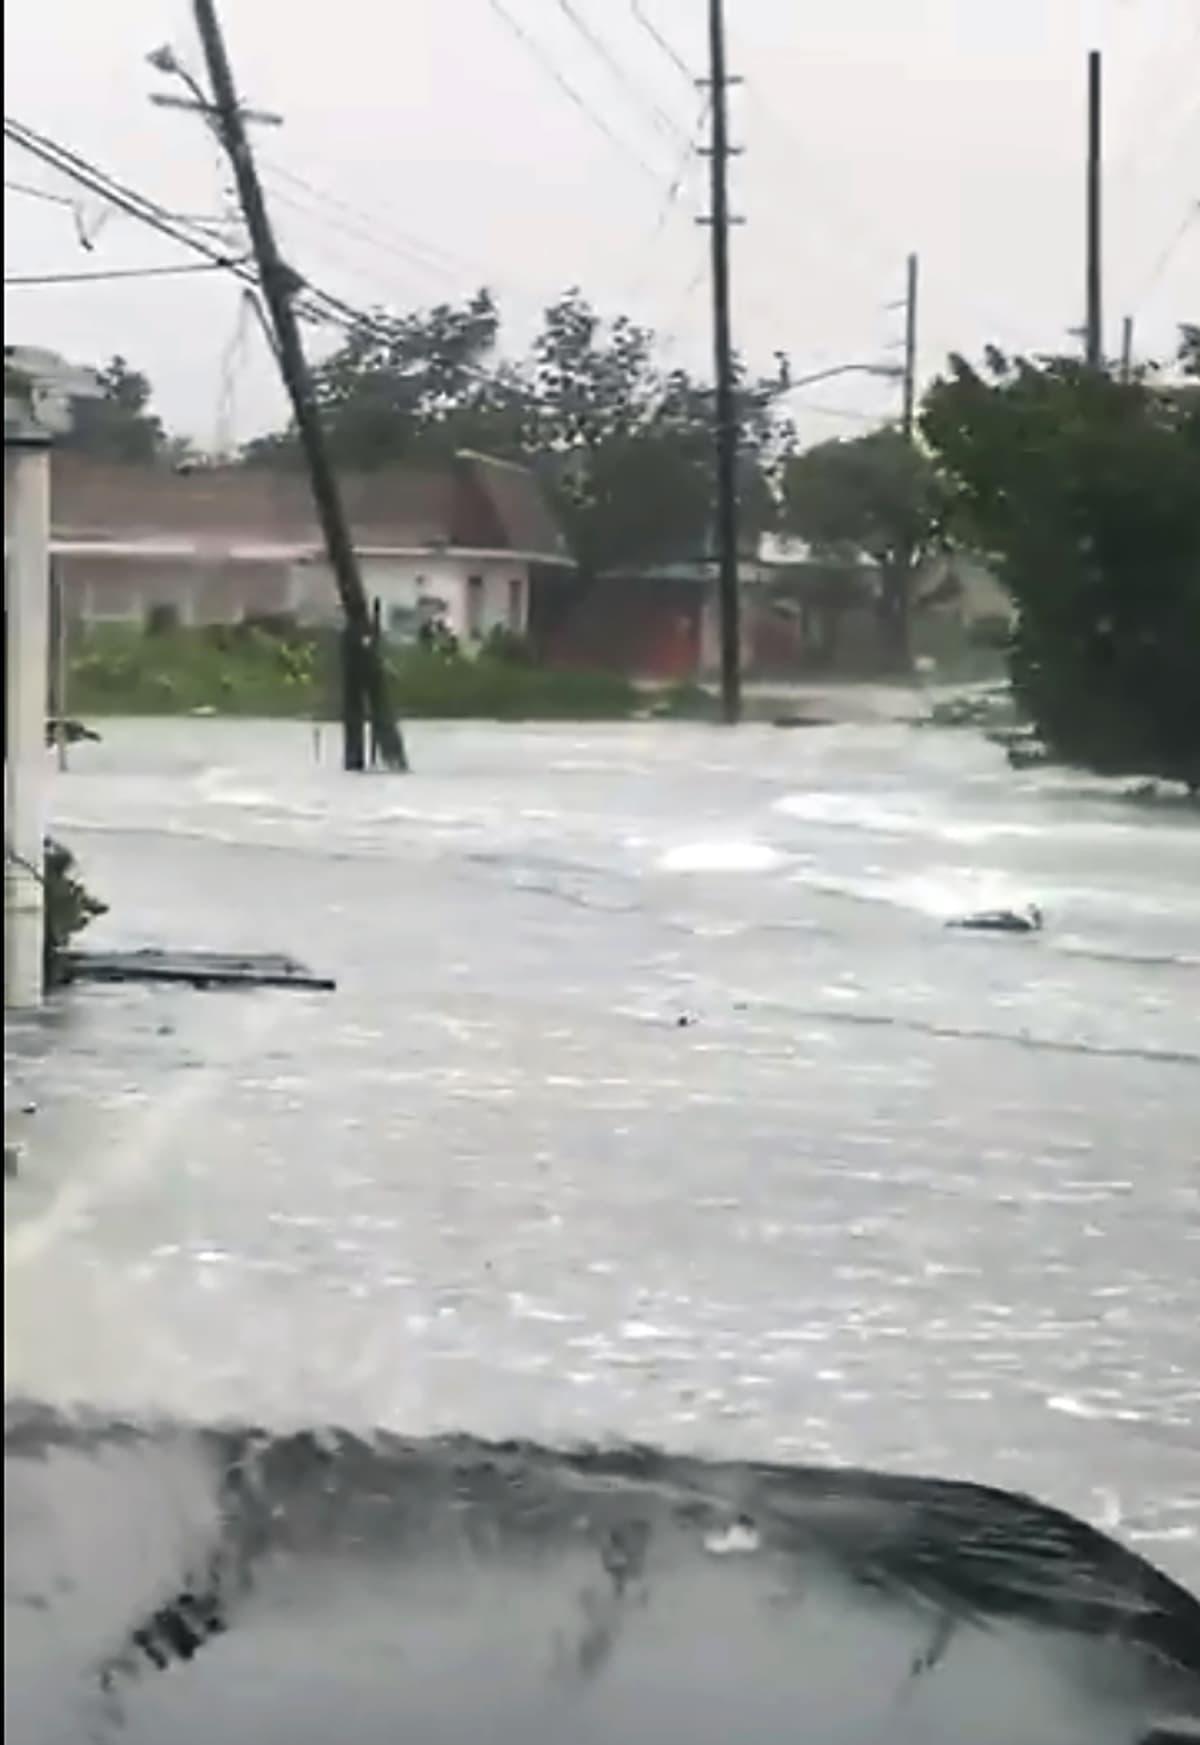 Bahamasaarten kalastusjärjestön julkaisema kuva tulvavedestä kadulla 2. syyskuuta.